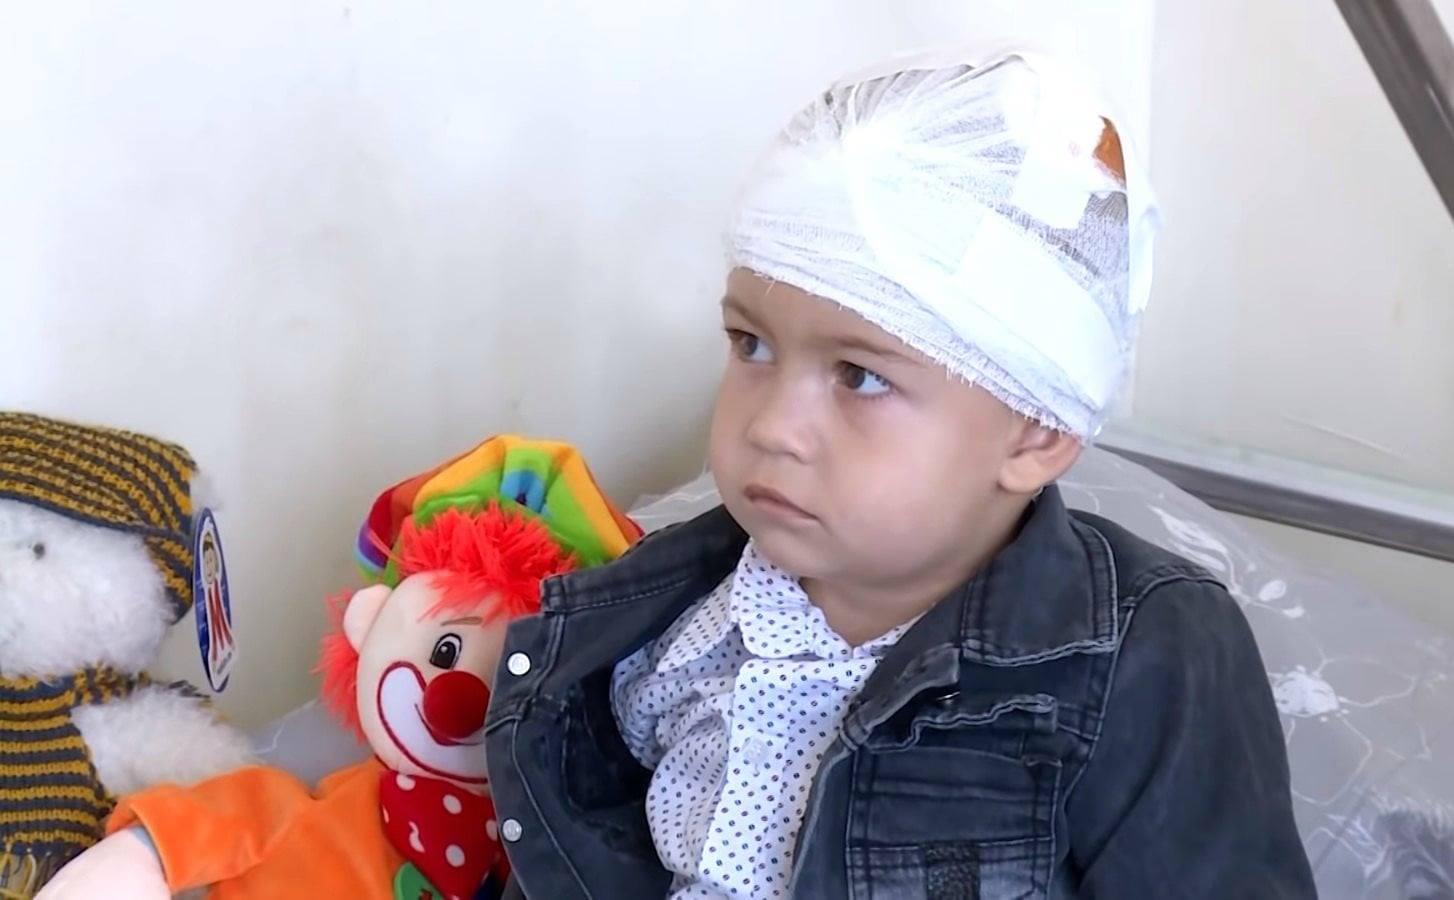 Photo of 2-ամյա տղան գլխի շրջանում կատարված բարդ վիրահատությունն անցել է լավ, երեխայի կյանքին այլևս վտանգ չի սպառնում